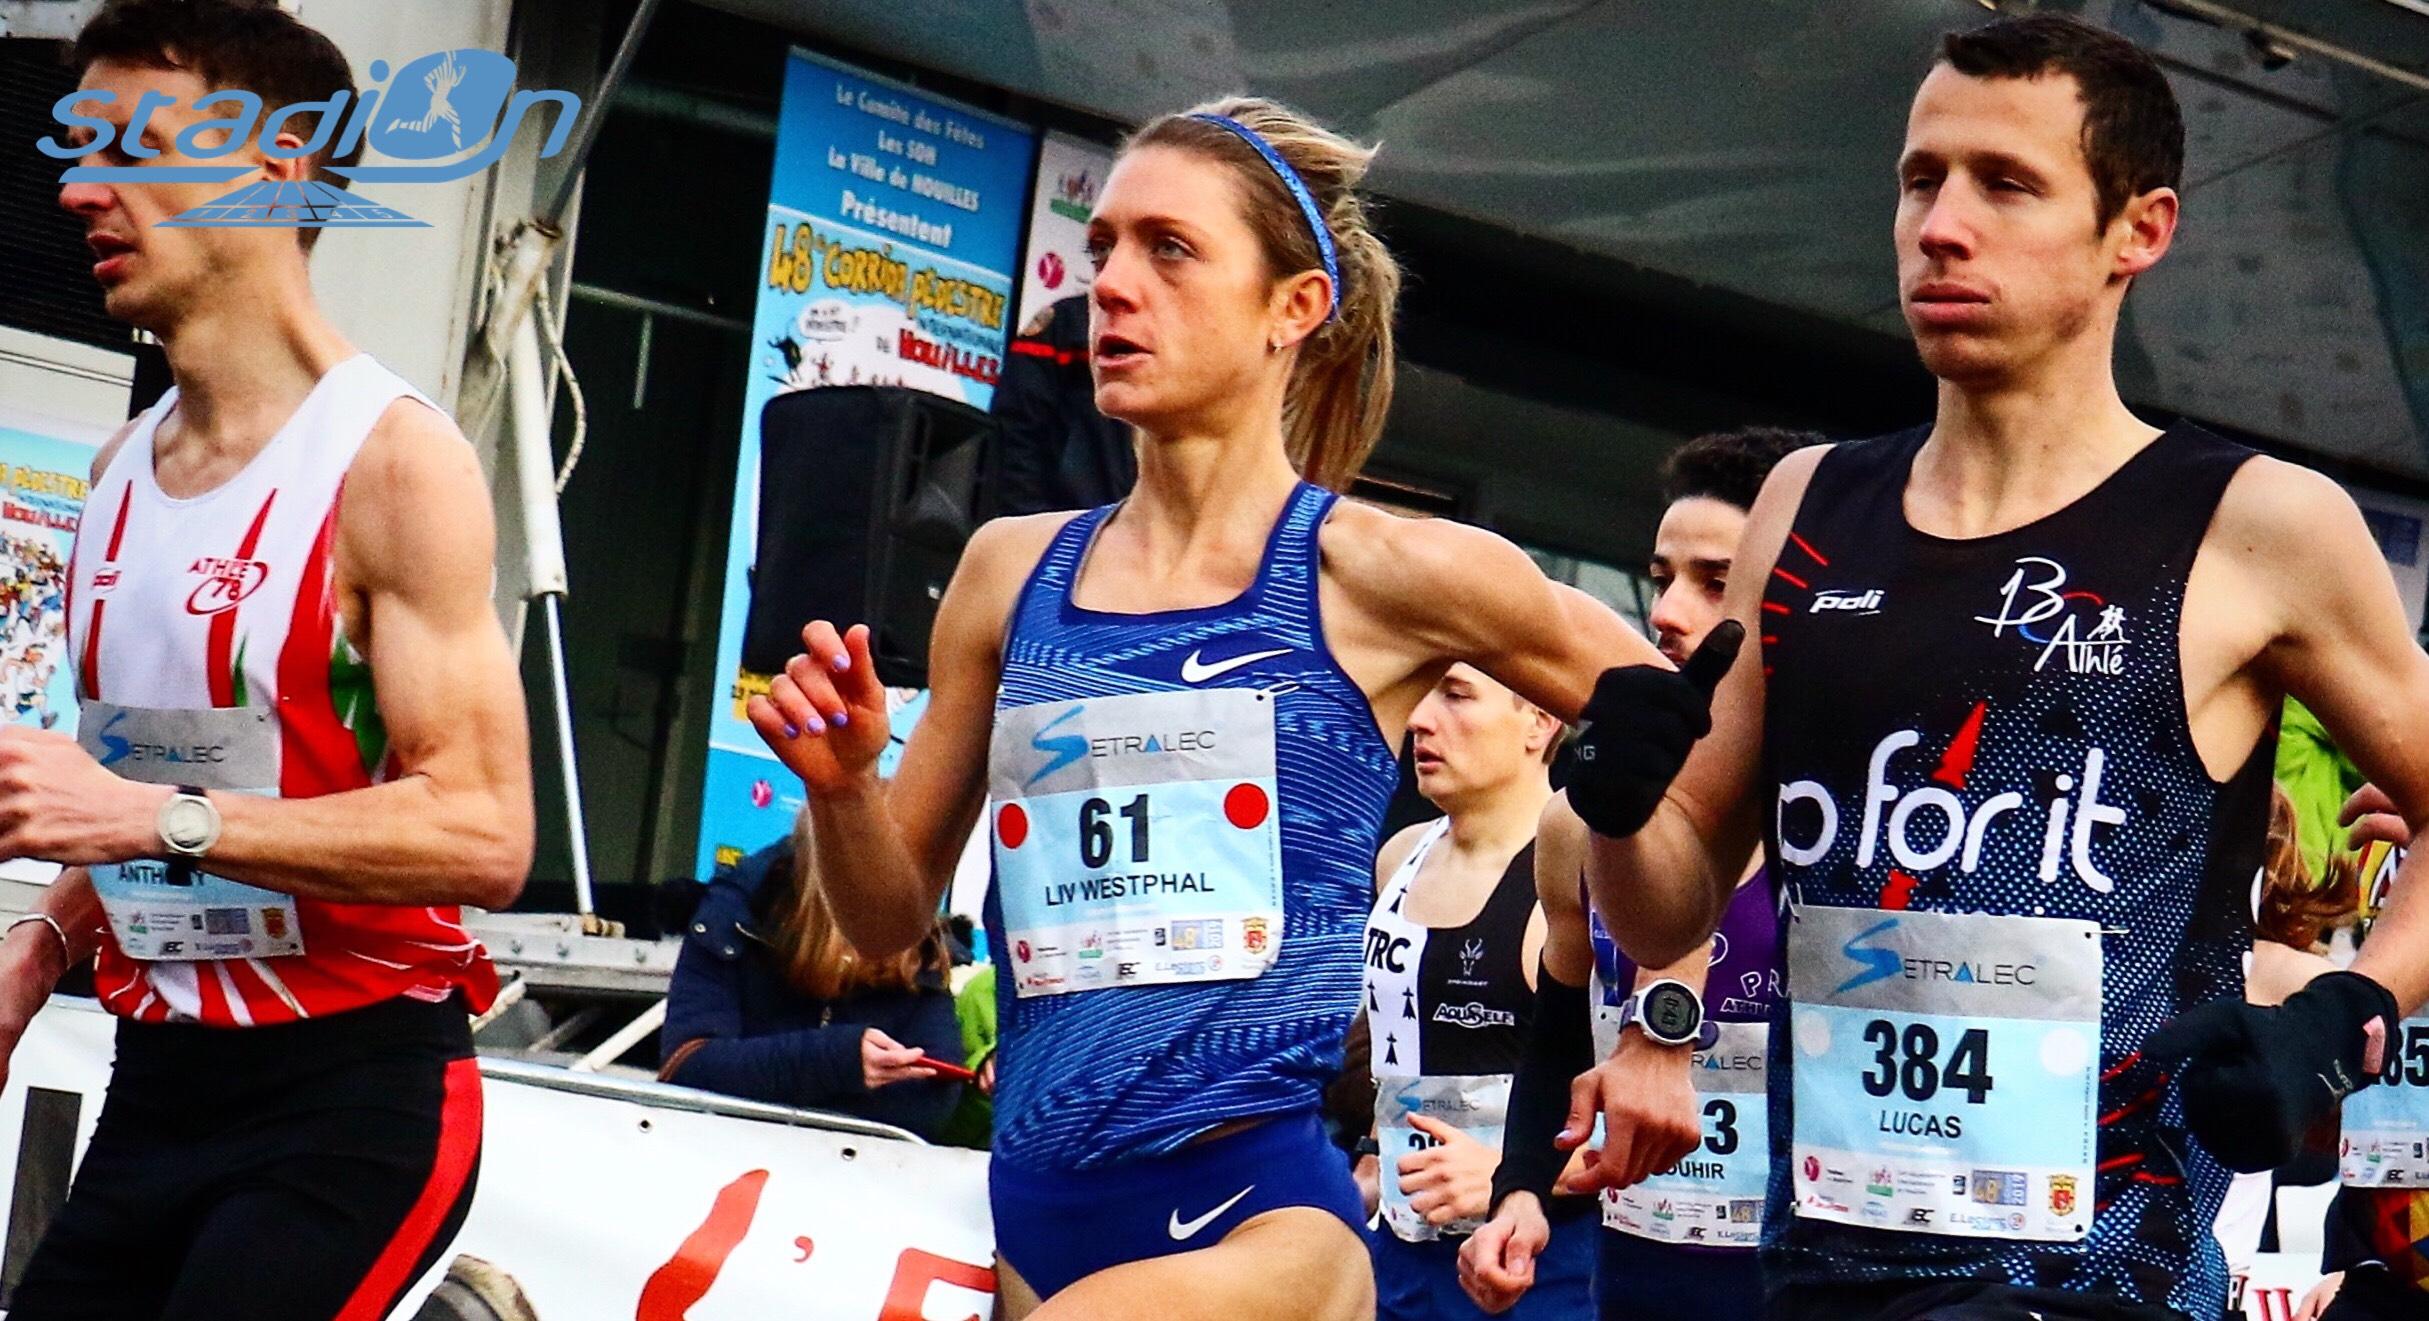 Running : Les Championnats de France des 10 km reportés au 29 novembre